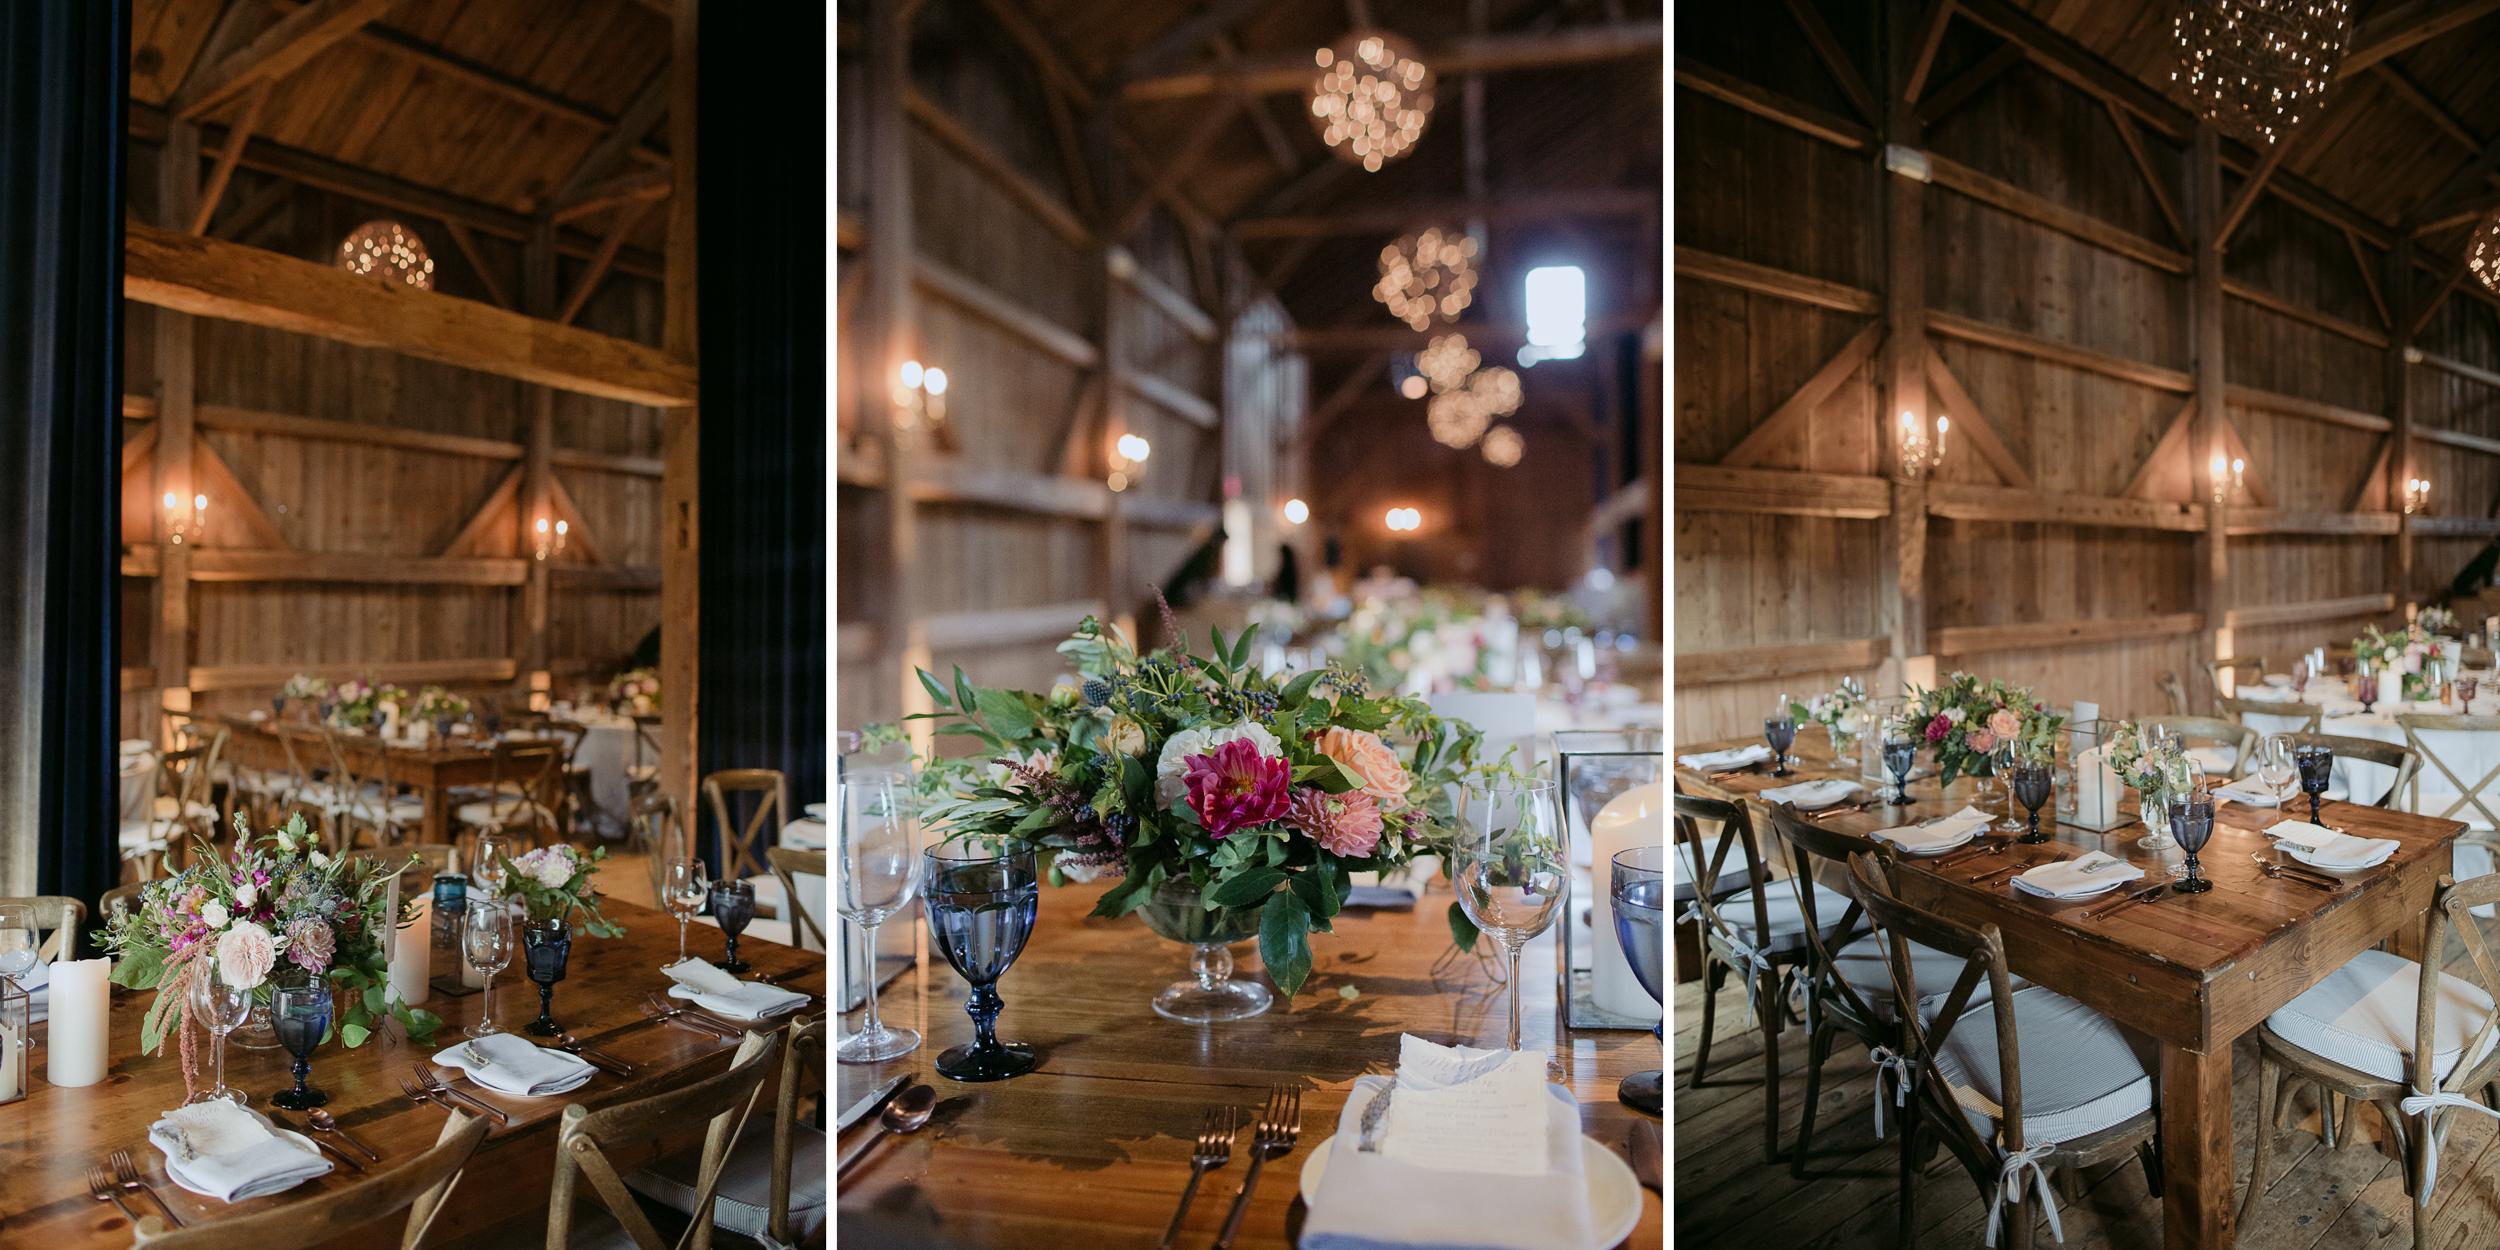 william_allen_farm_pownal_wedding_maine_michelleben-23.jpg